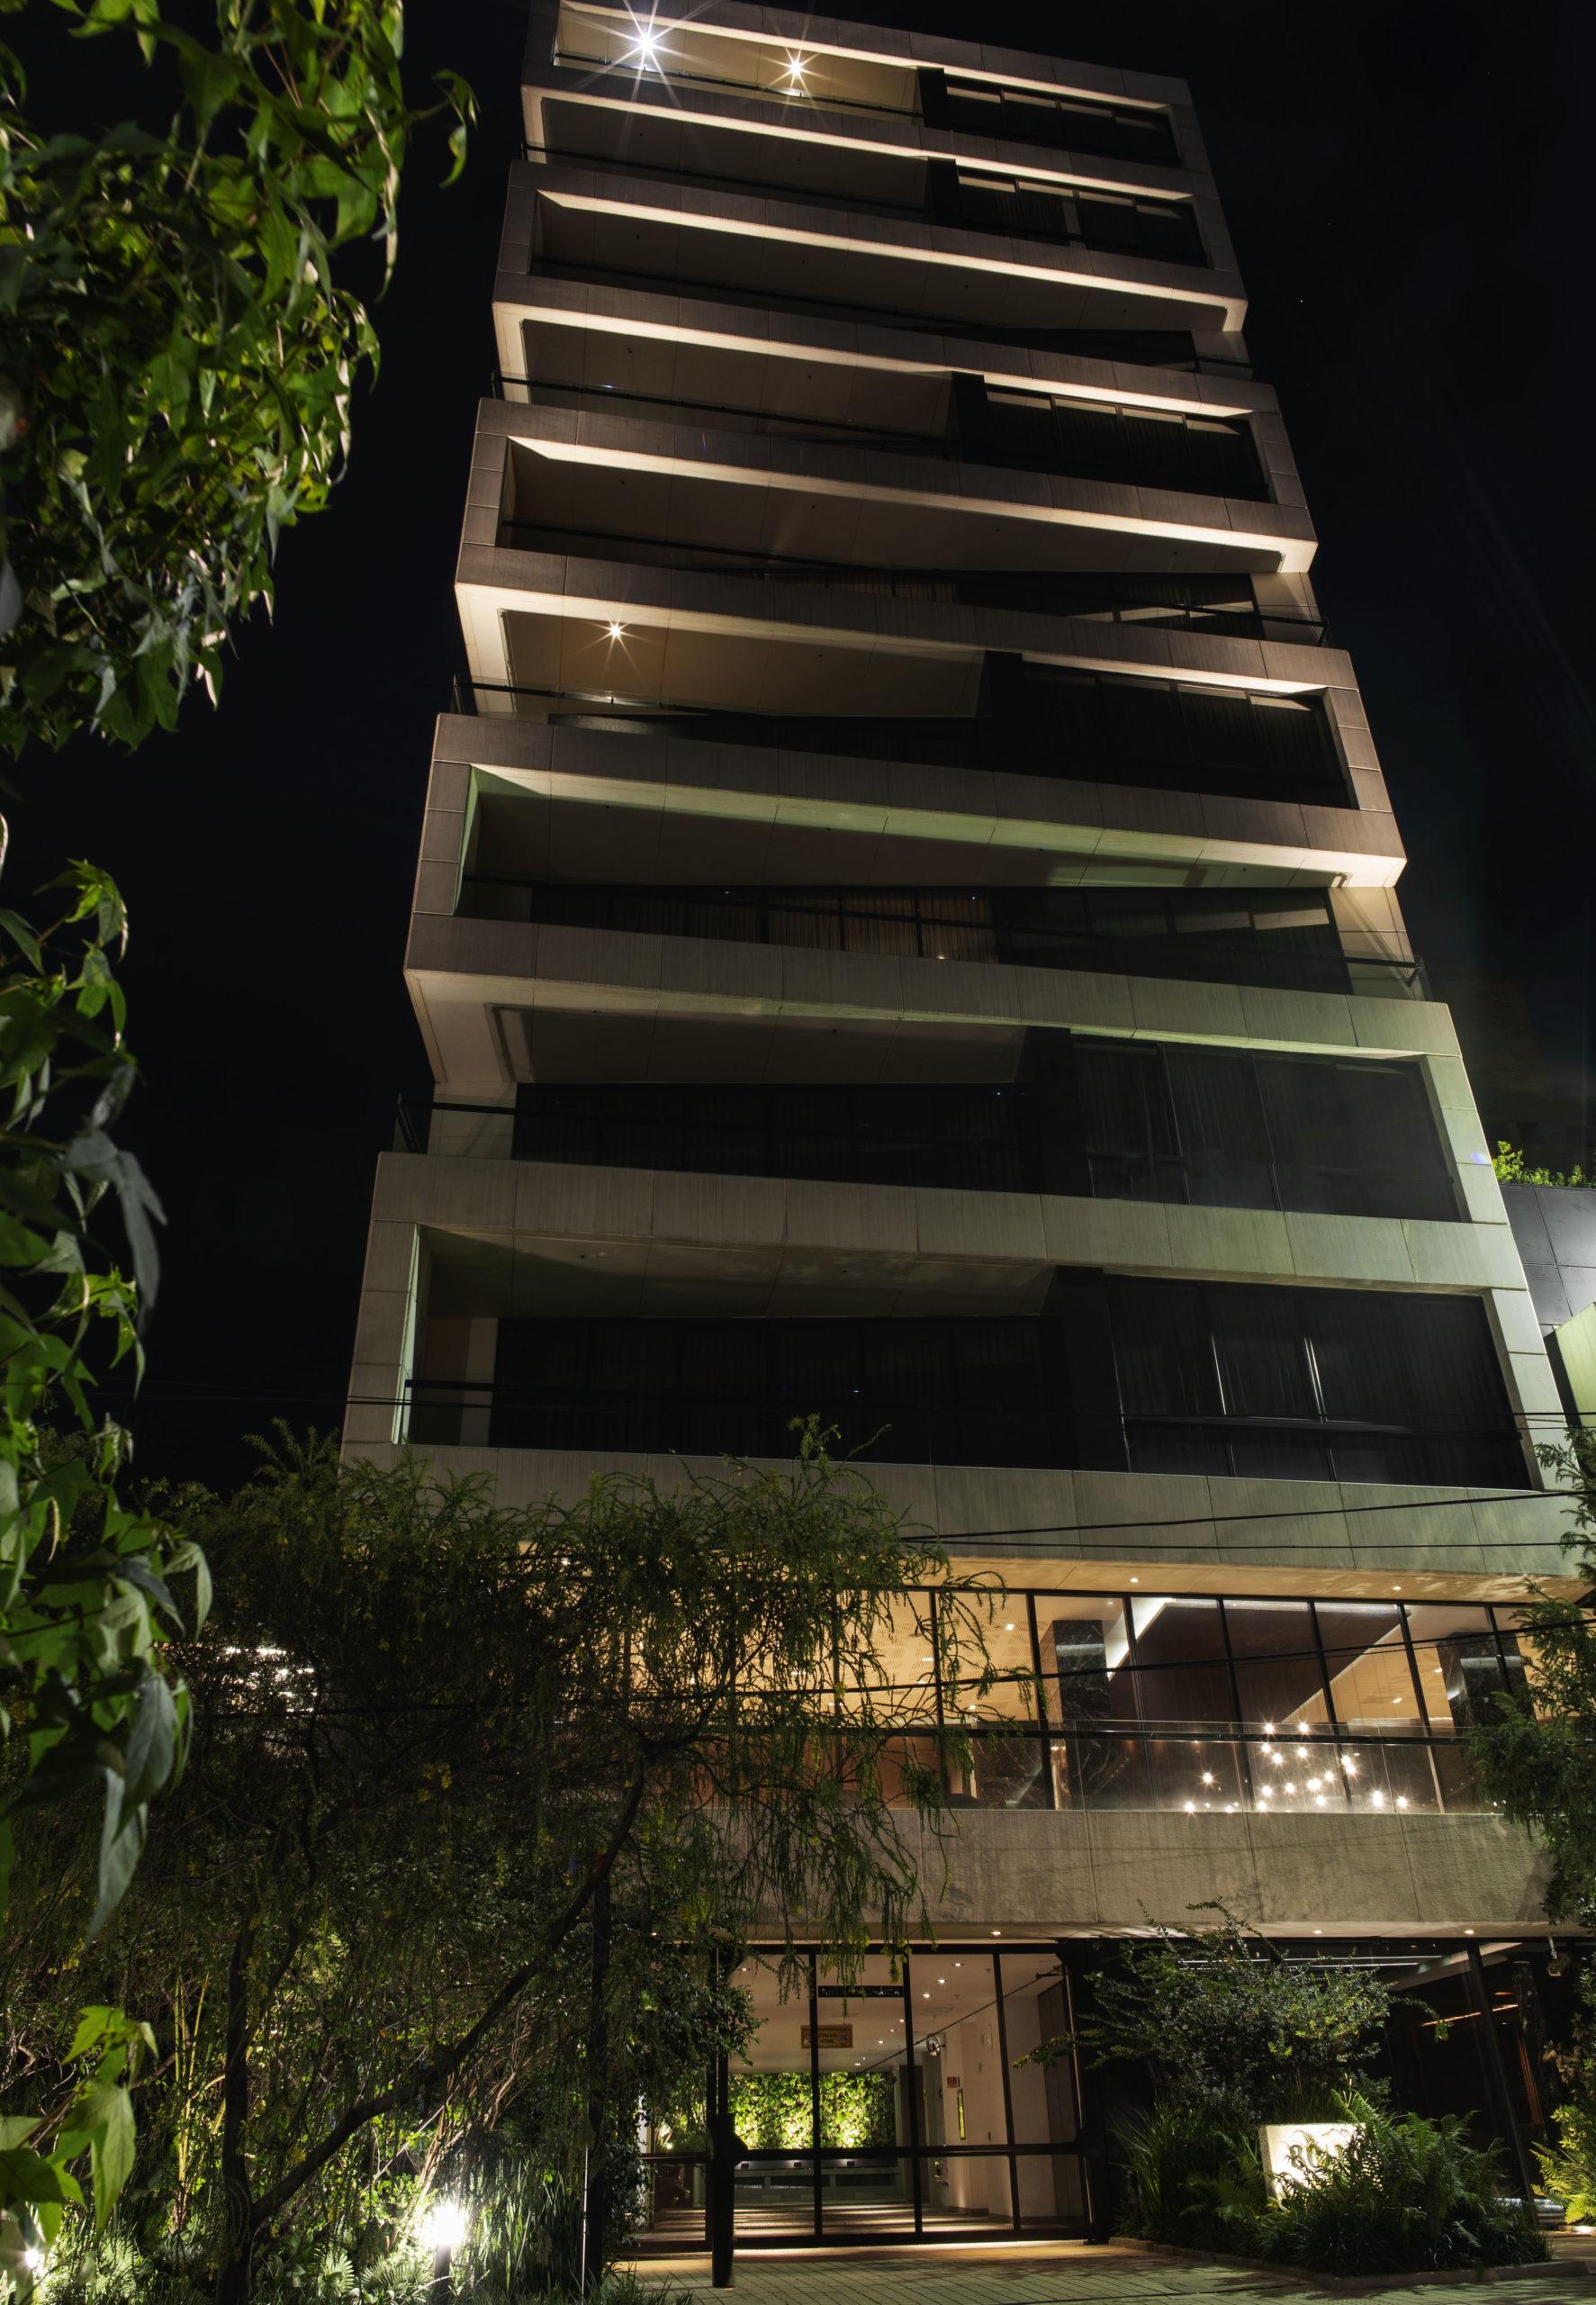 Fachada de un edificio de apartamentos de lujo en Bogotá - Parque el Nogal